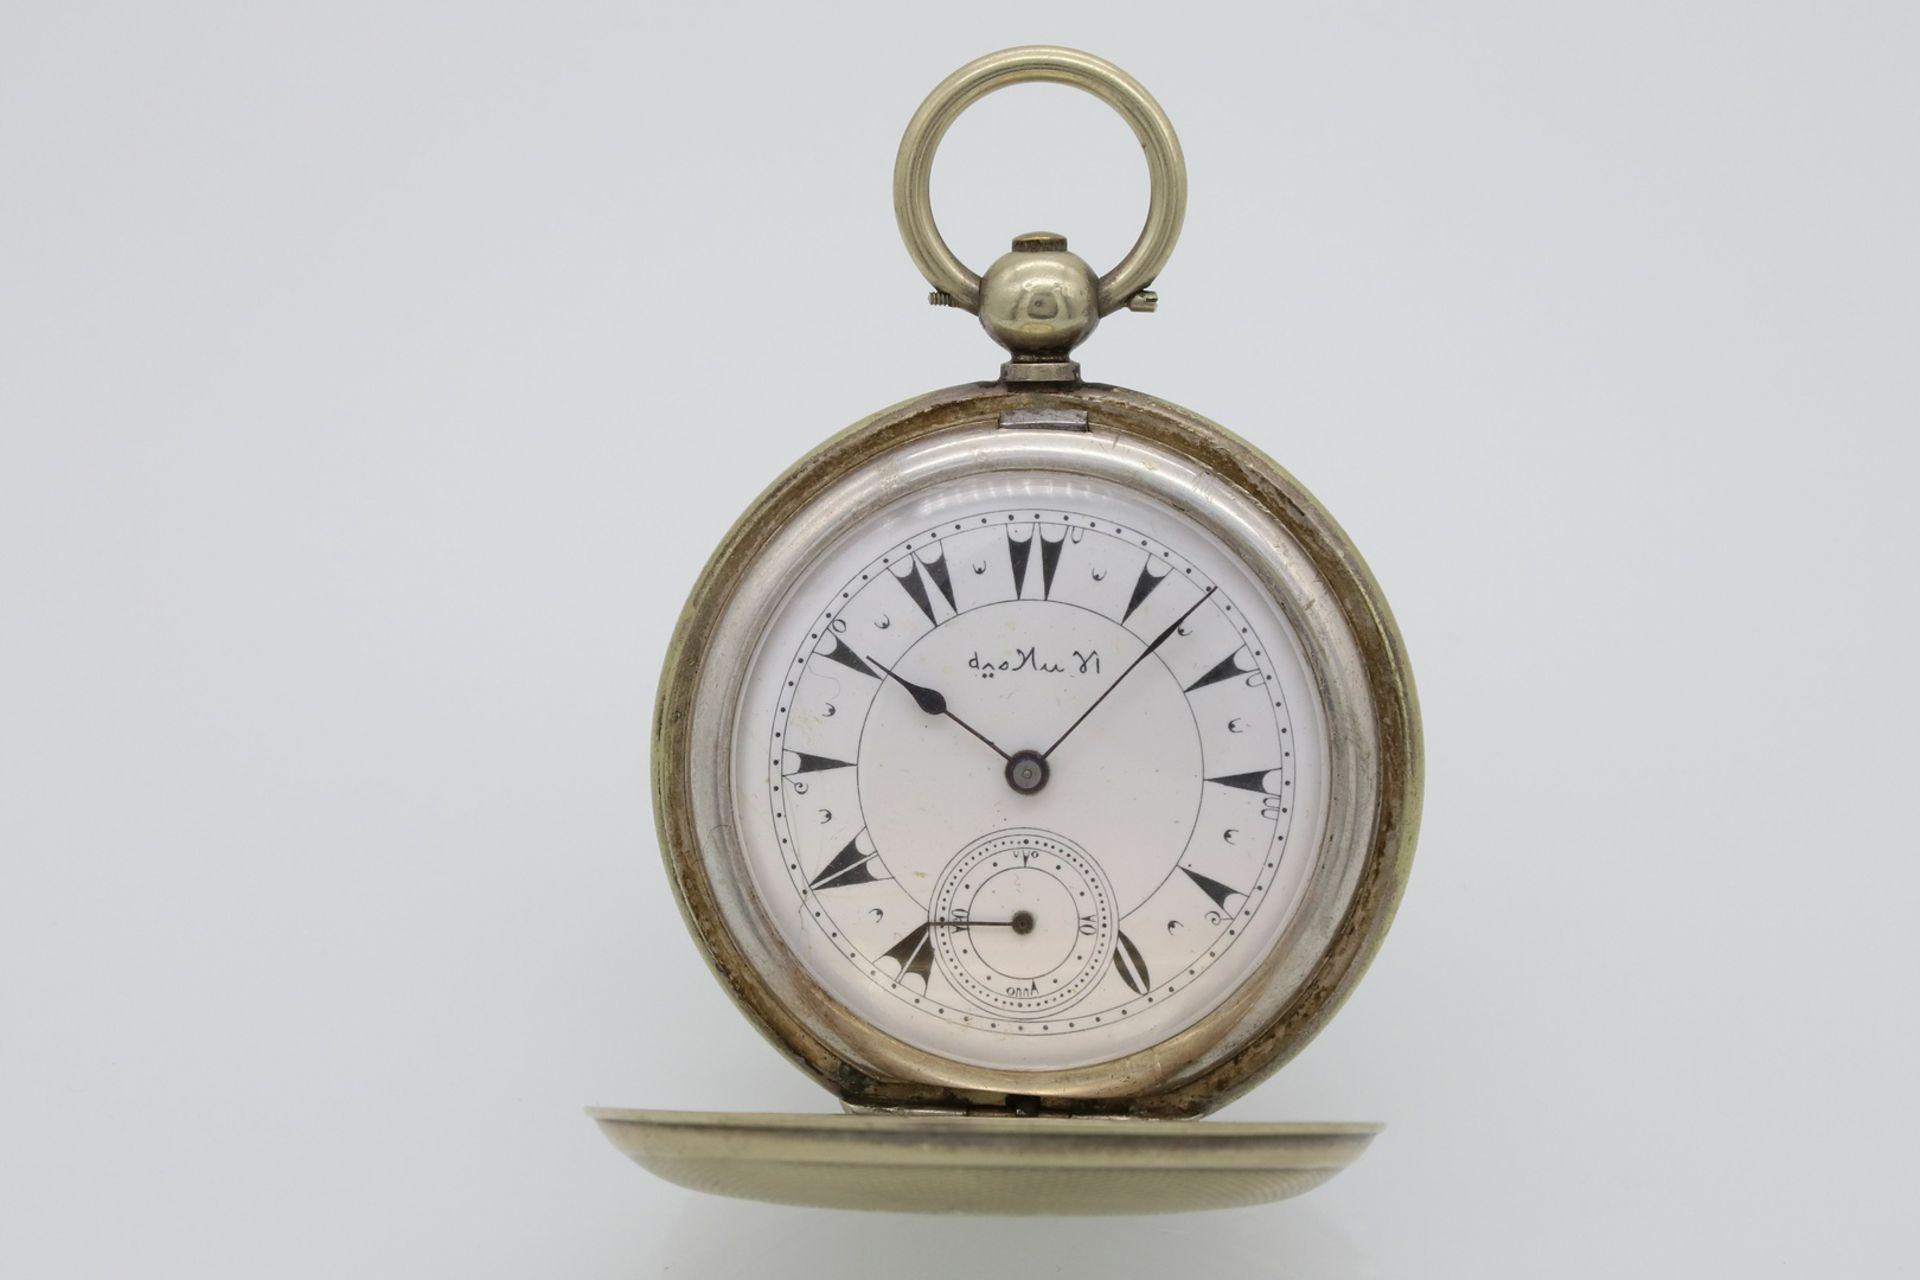 Osmanische Savonnette Taschenuhr, Ende 19. Jh. - Bild 2 aus 6